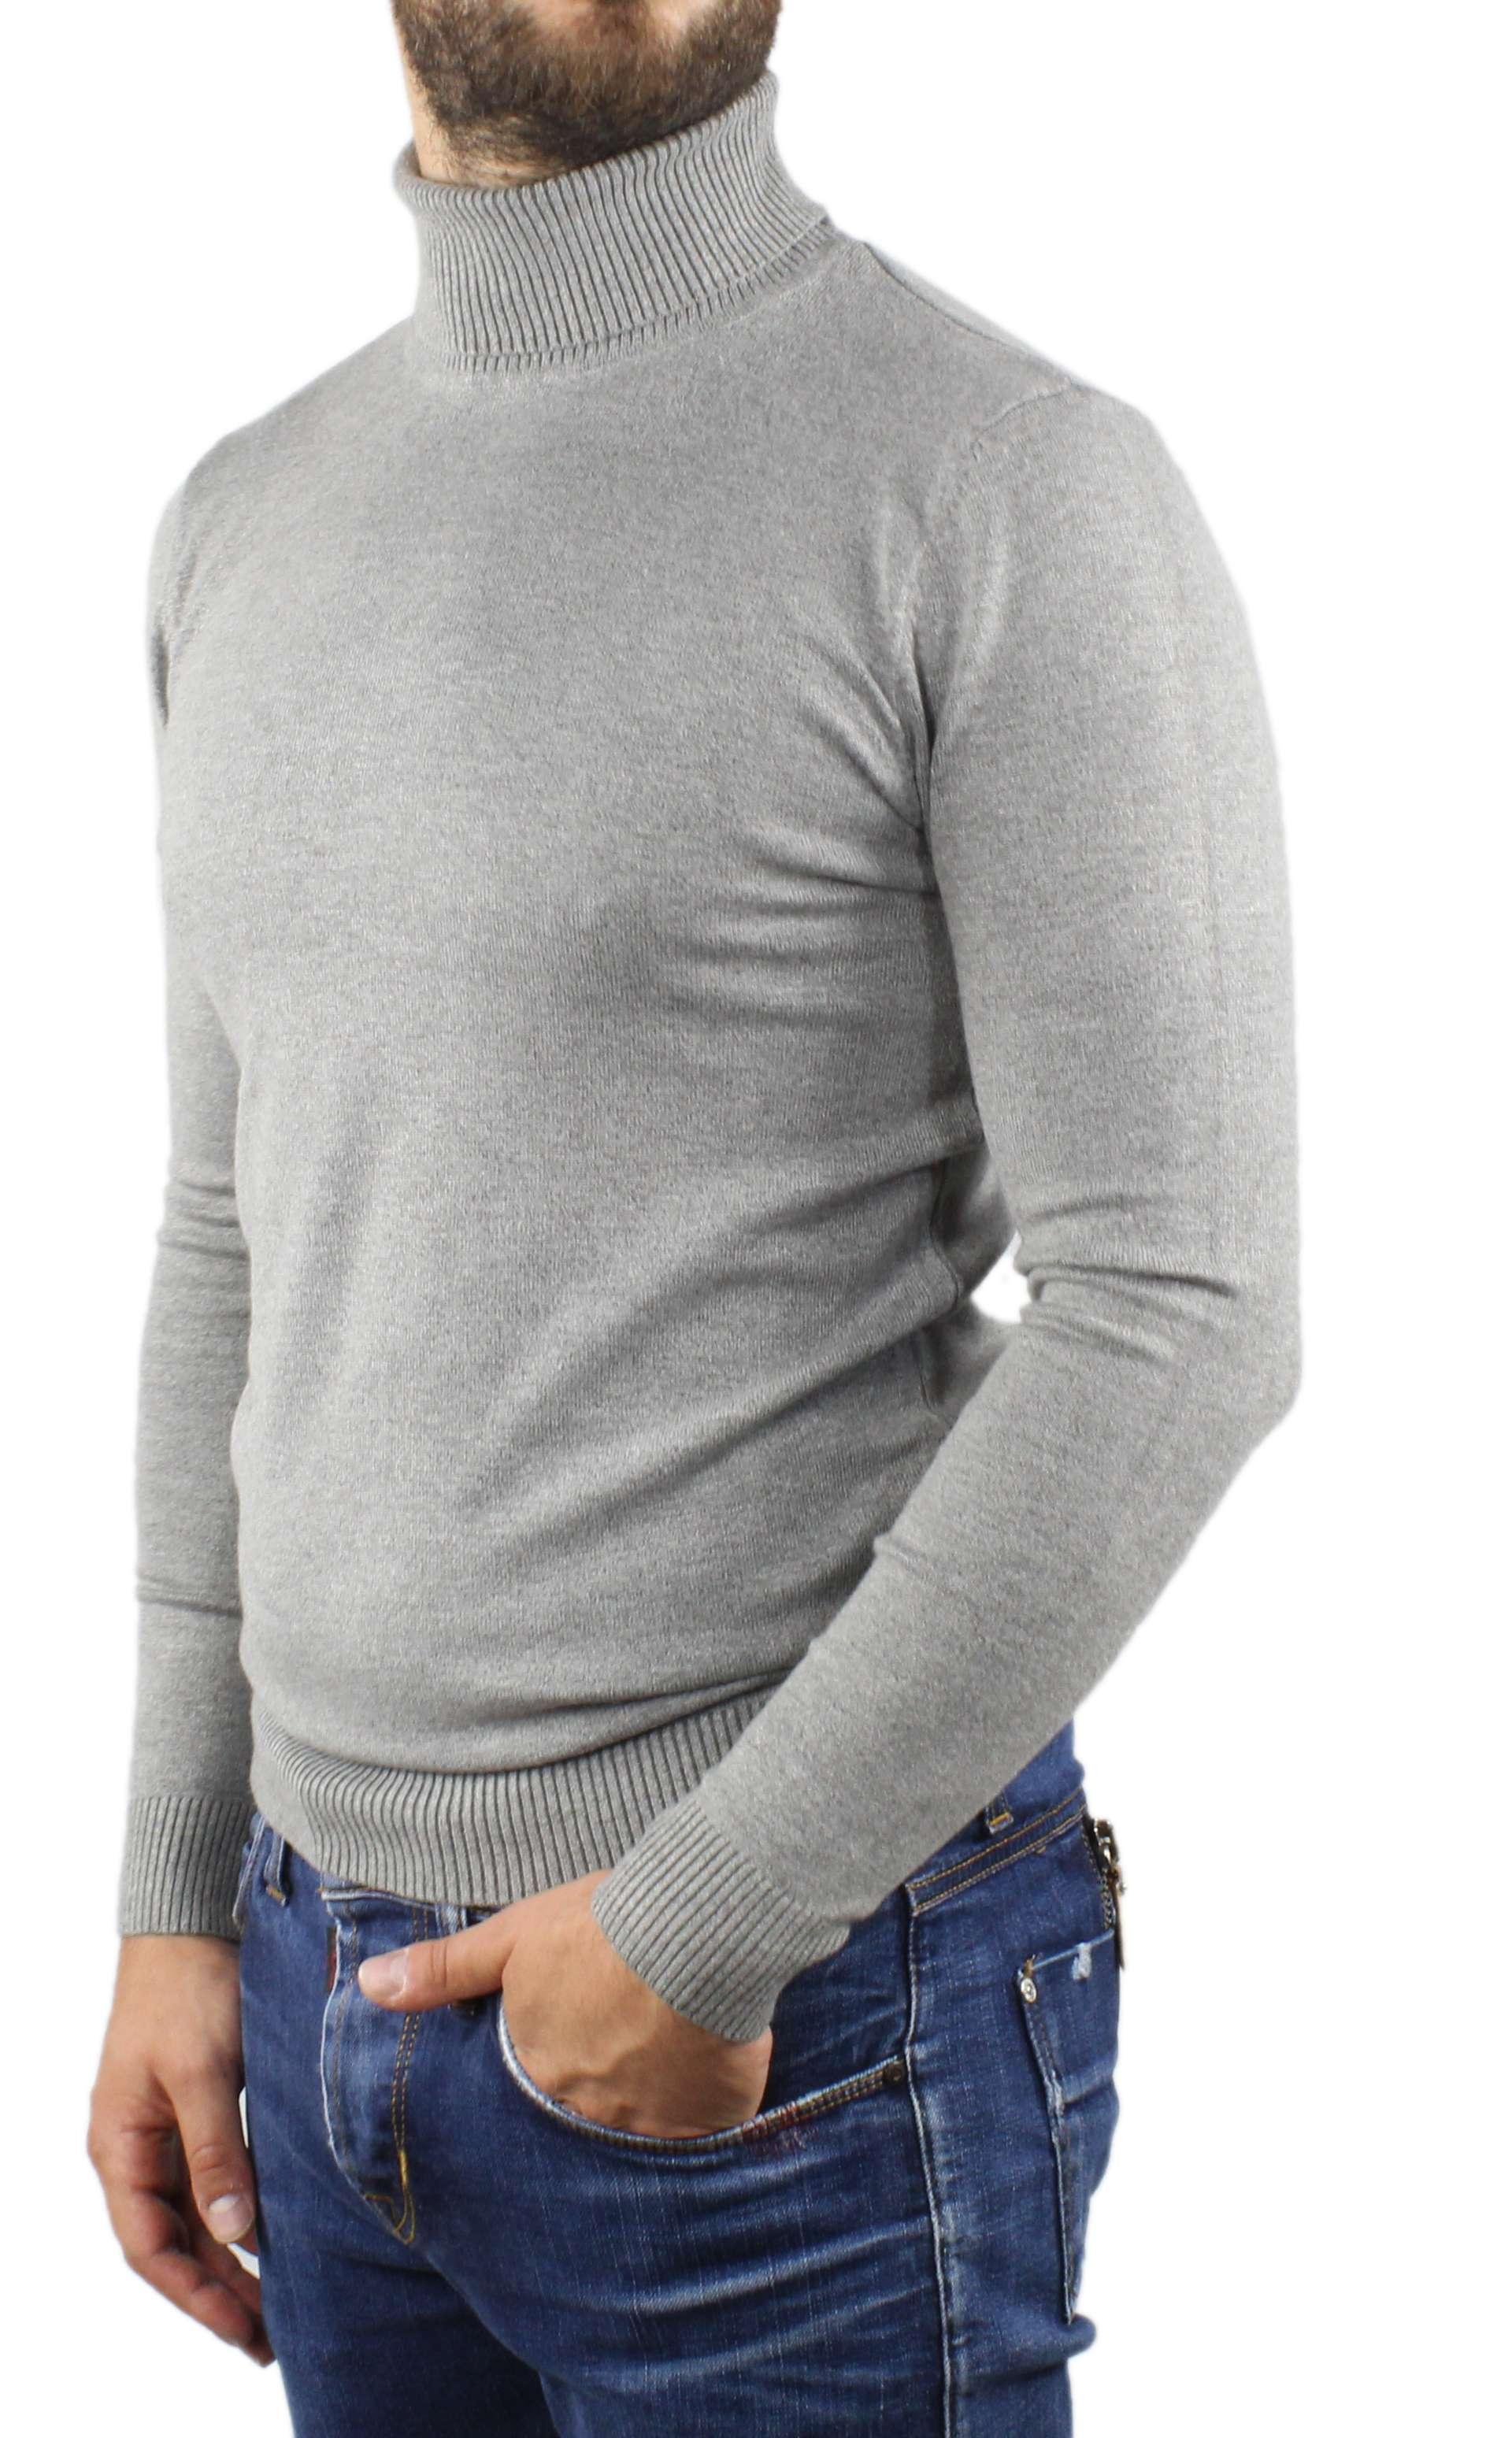 Maglione-Uomo-Collo-Alto-Dolcevita-Maglia-Blu-Nero-Bordo-Lupetto-Maglioncino miniatura 17